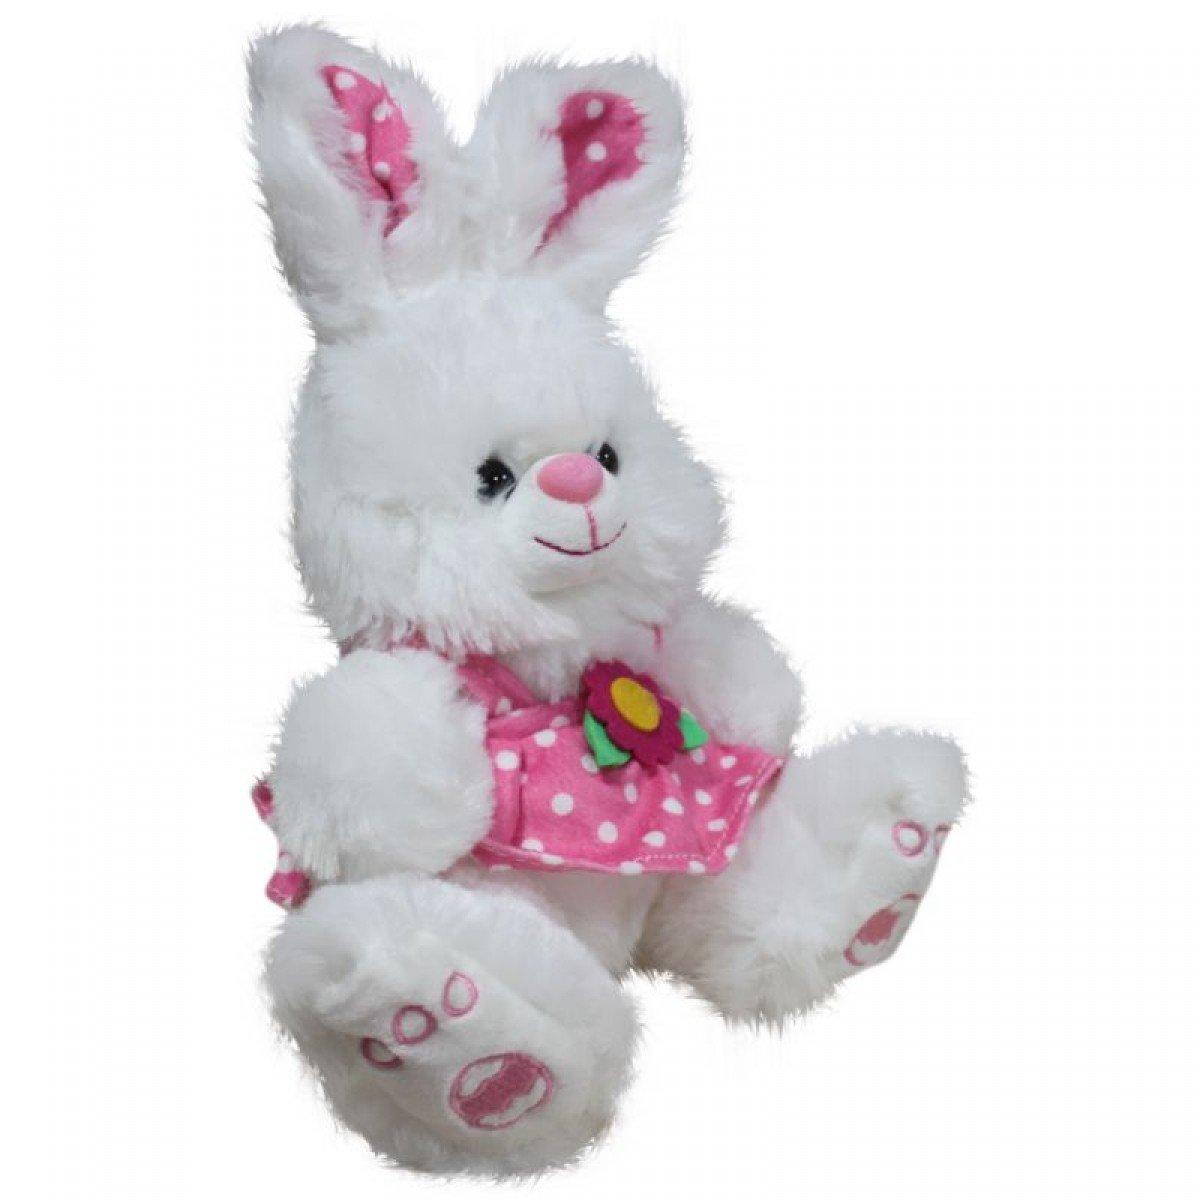 Заяц игрушка картинка для детей на прозрачном фоне